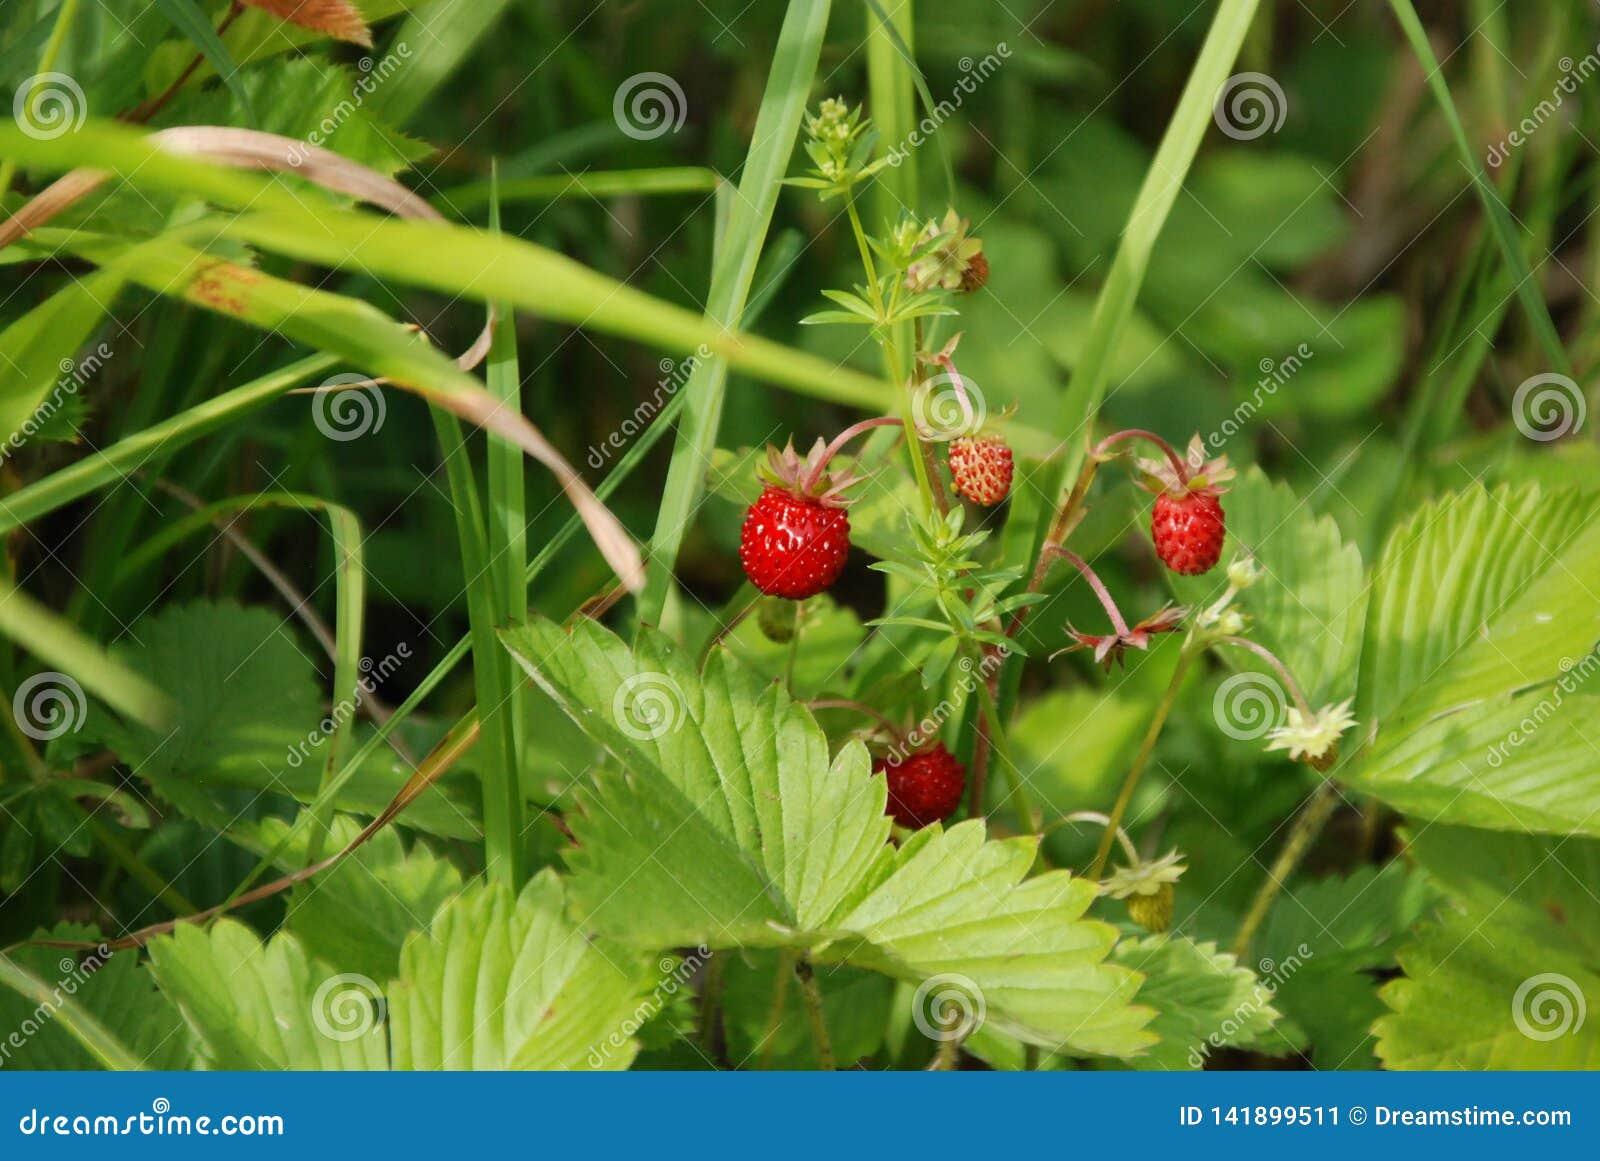 Lös jordgubbe i den svarta skogen